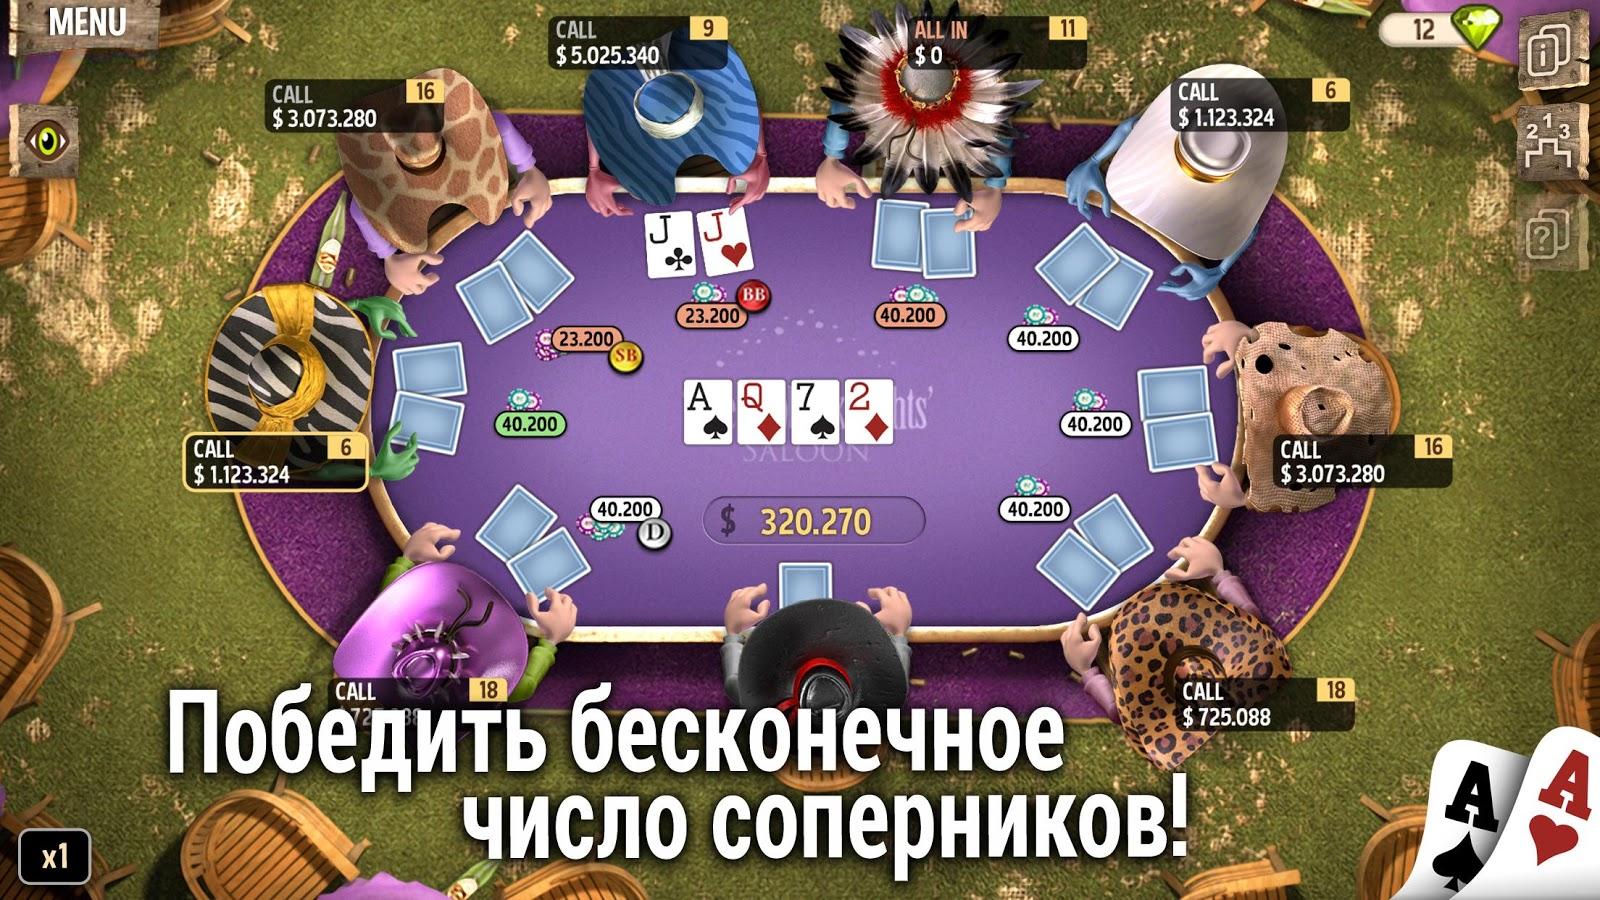 Играть в покер в мини играх бесплатно онлайн игровые автоматы на нокиа 6300